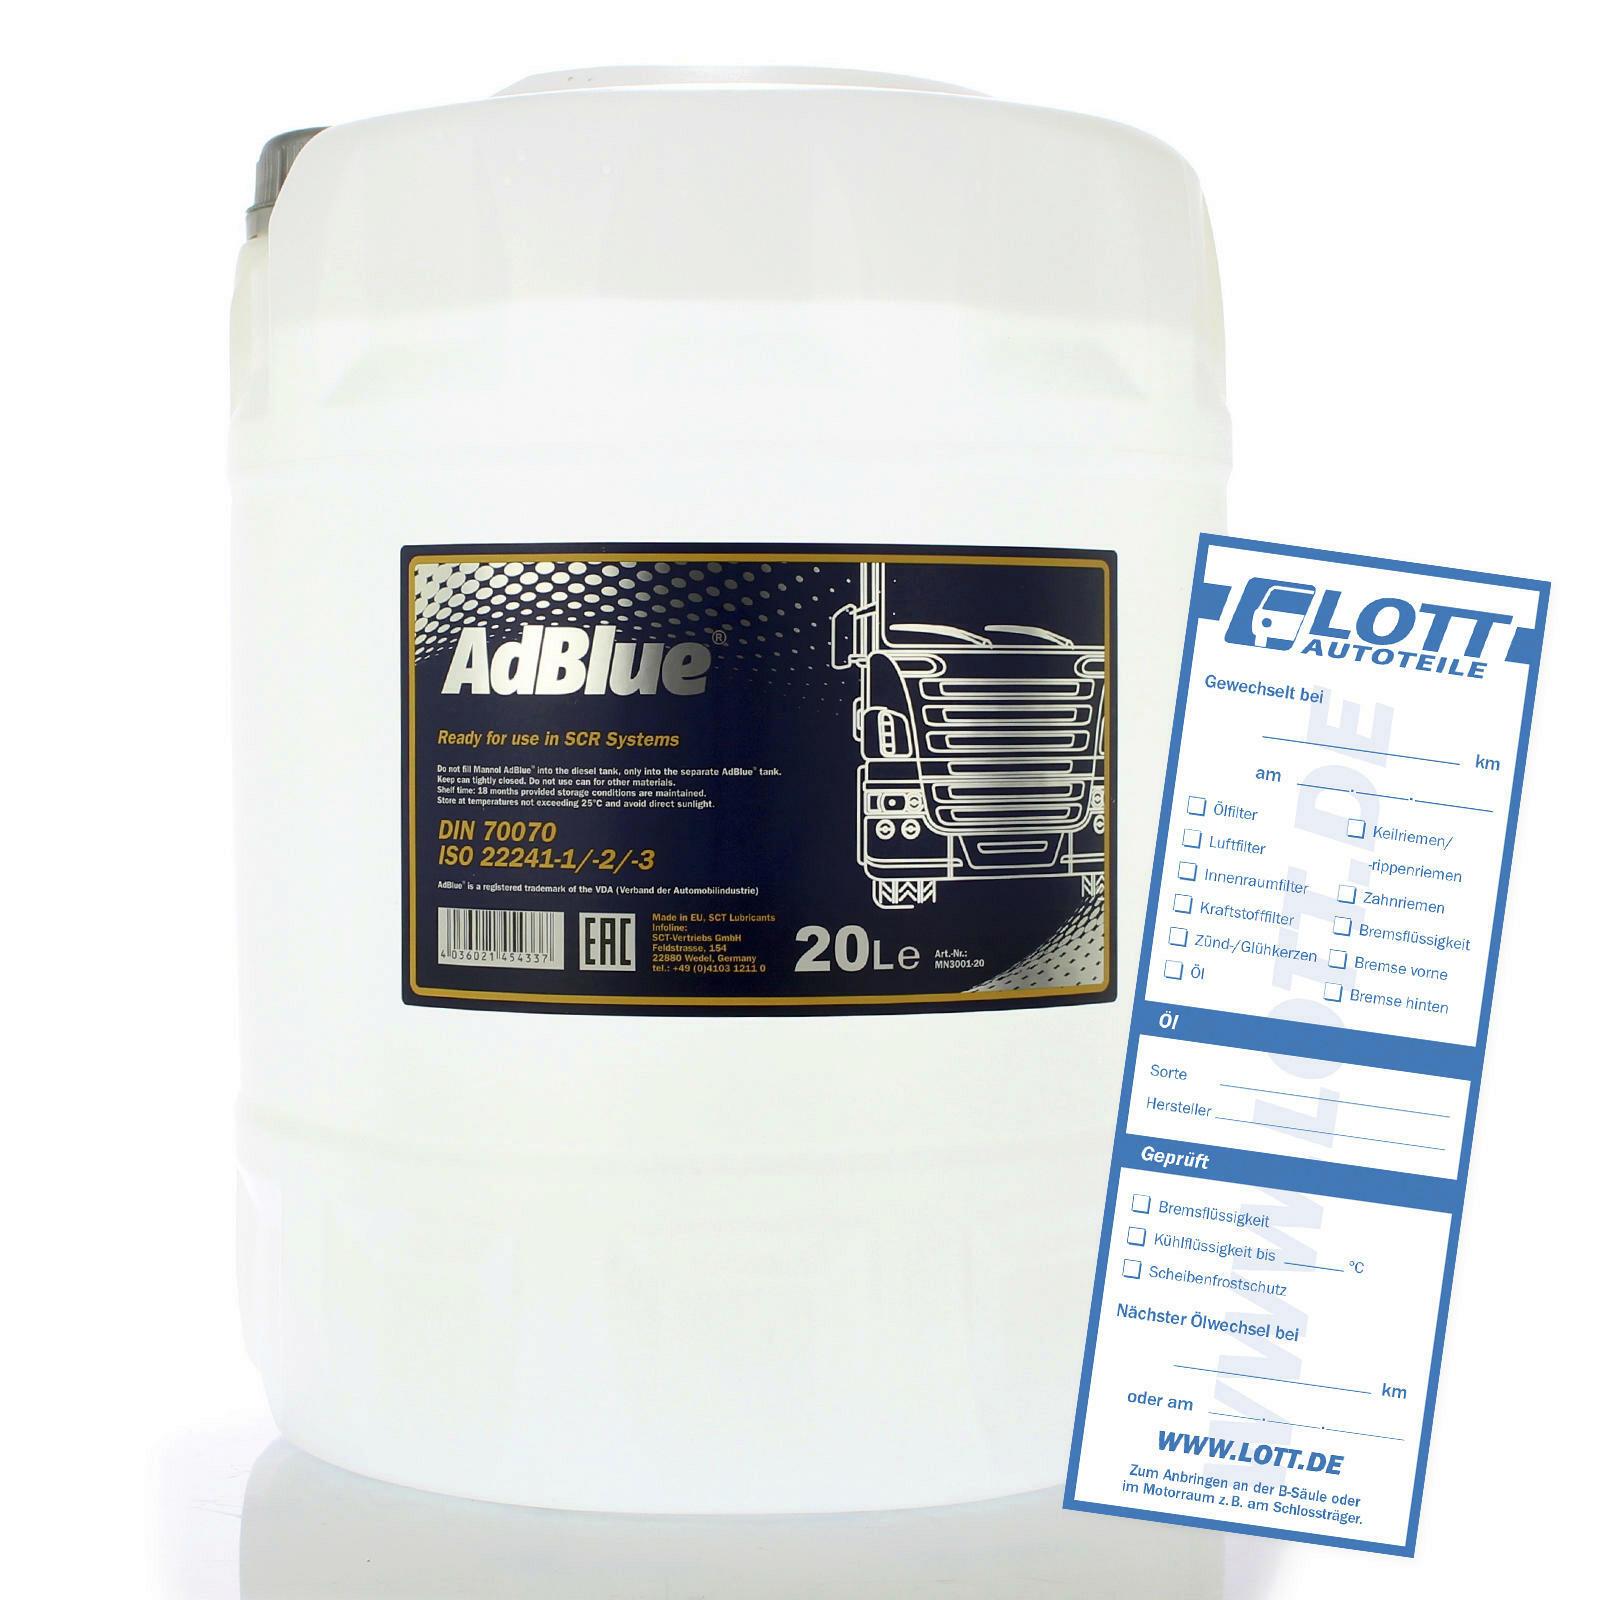 Mannol ADBLUE Dieseladditiv AD BLUE 20L